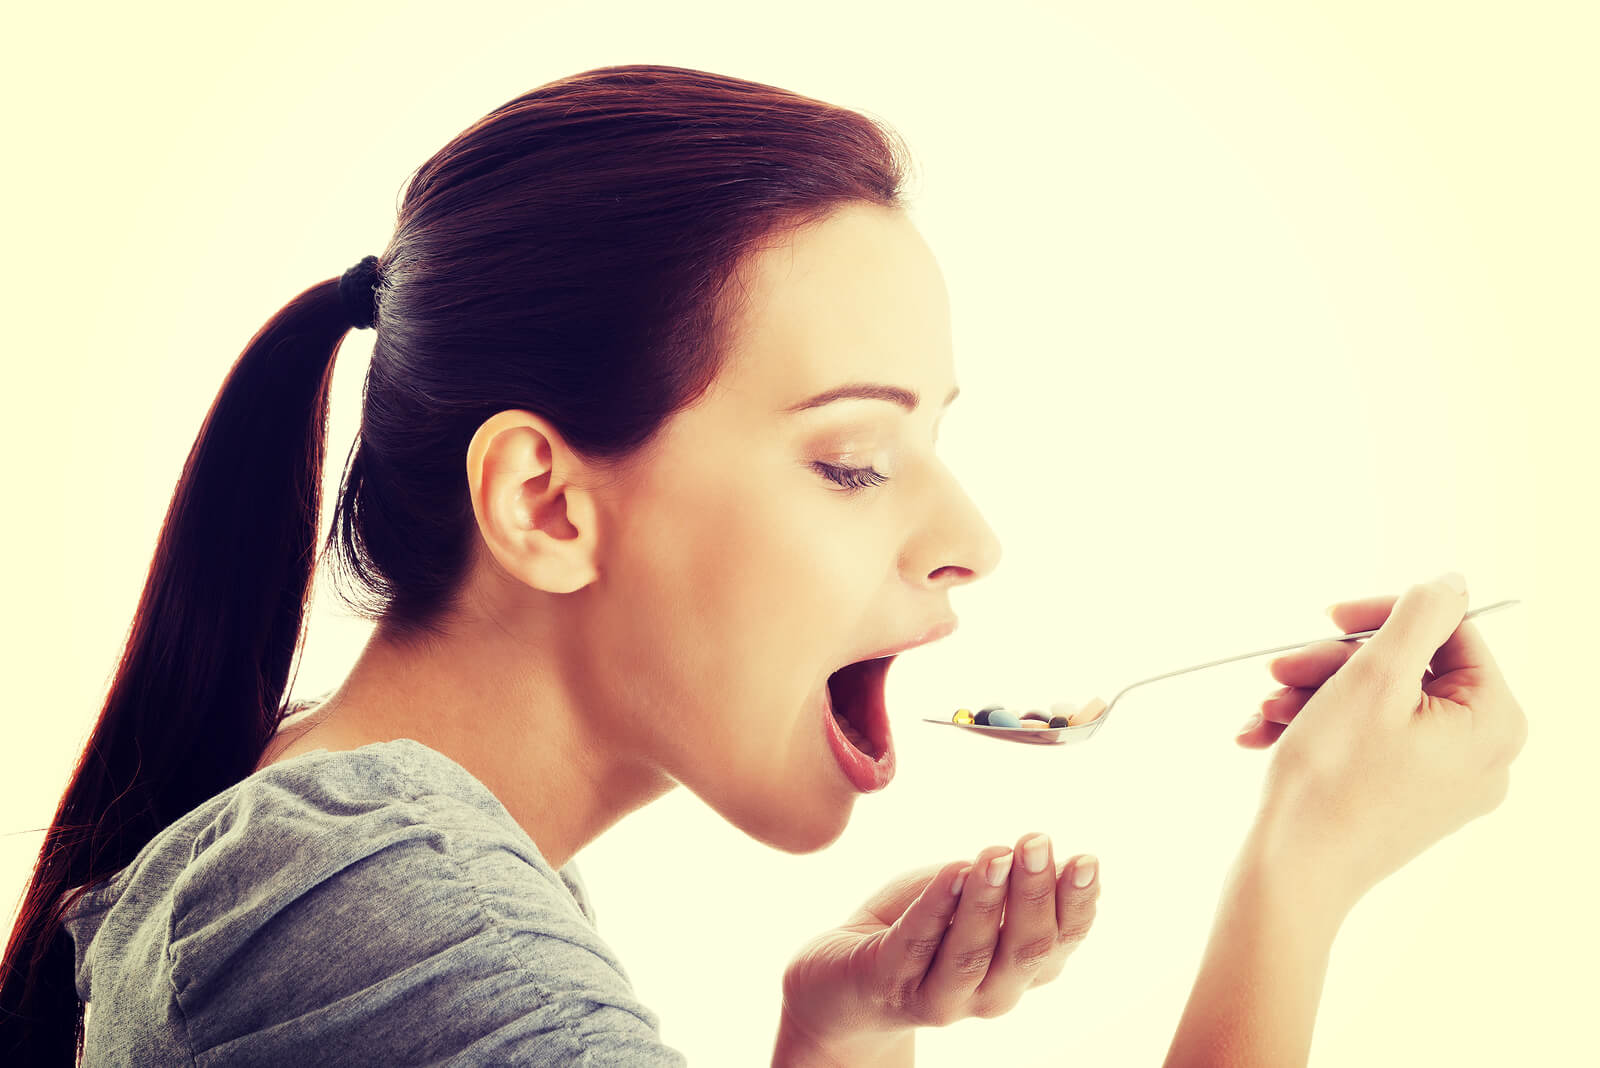 Αντιβιοτικά: Ενημερώσου γιατί η ημιμάθεια είναι επικίνδυνη για σένα και τους γύρω σου